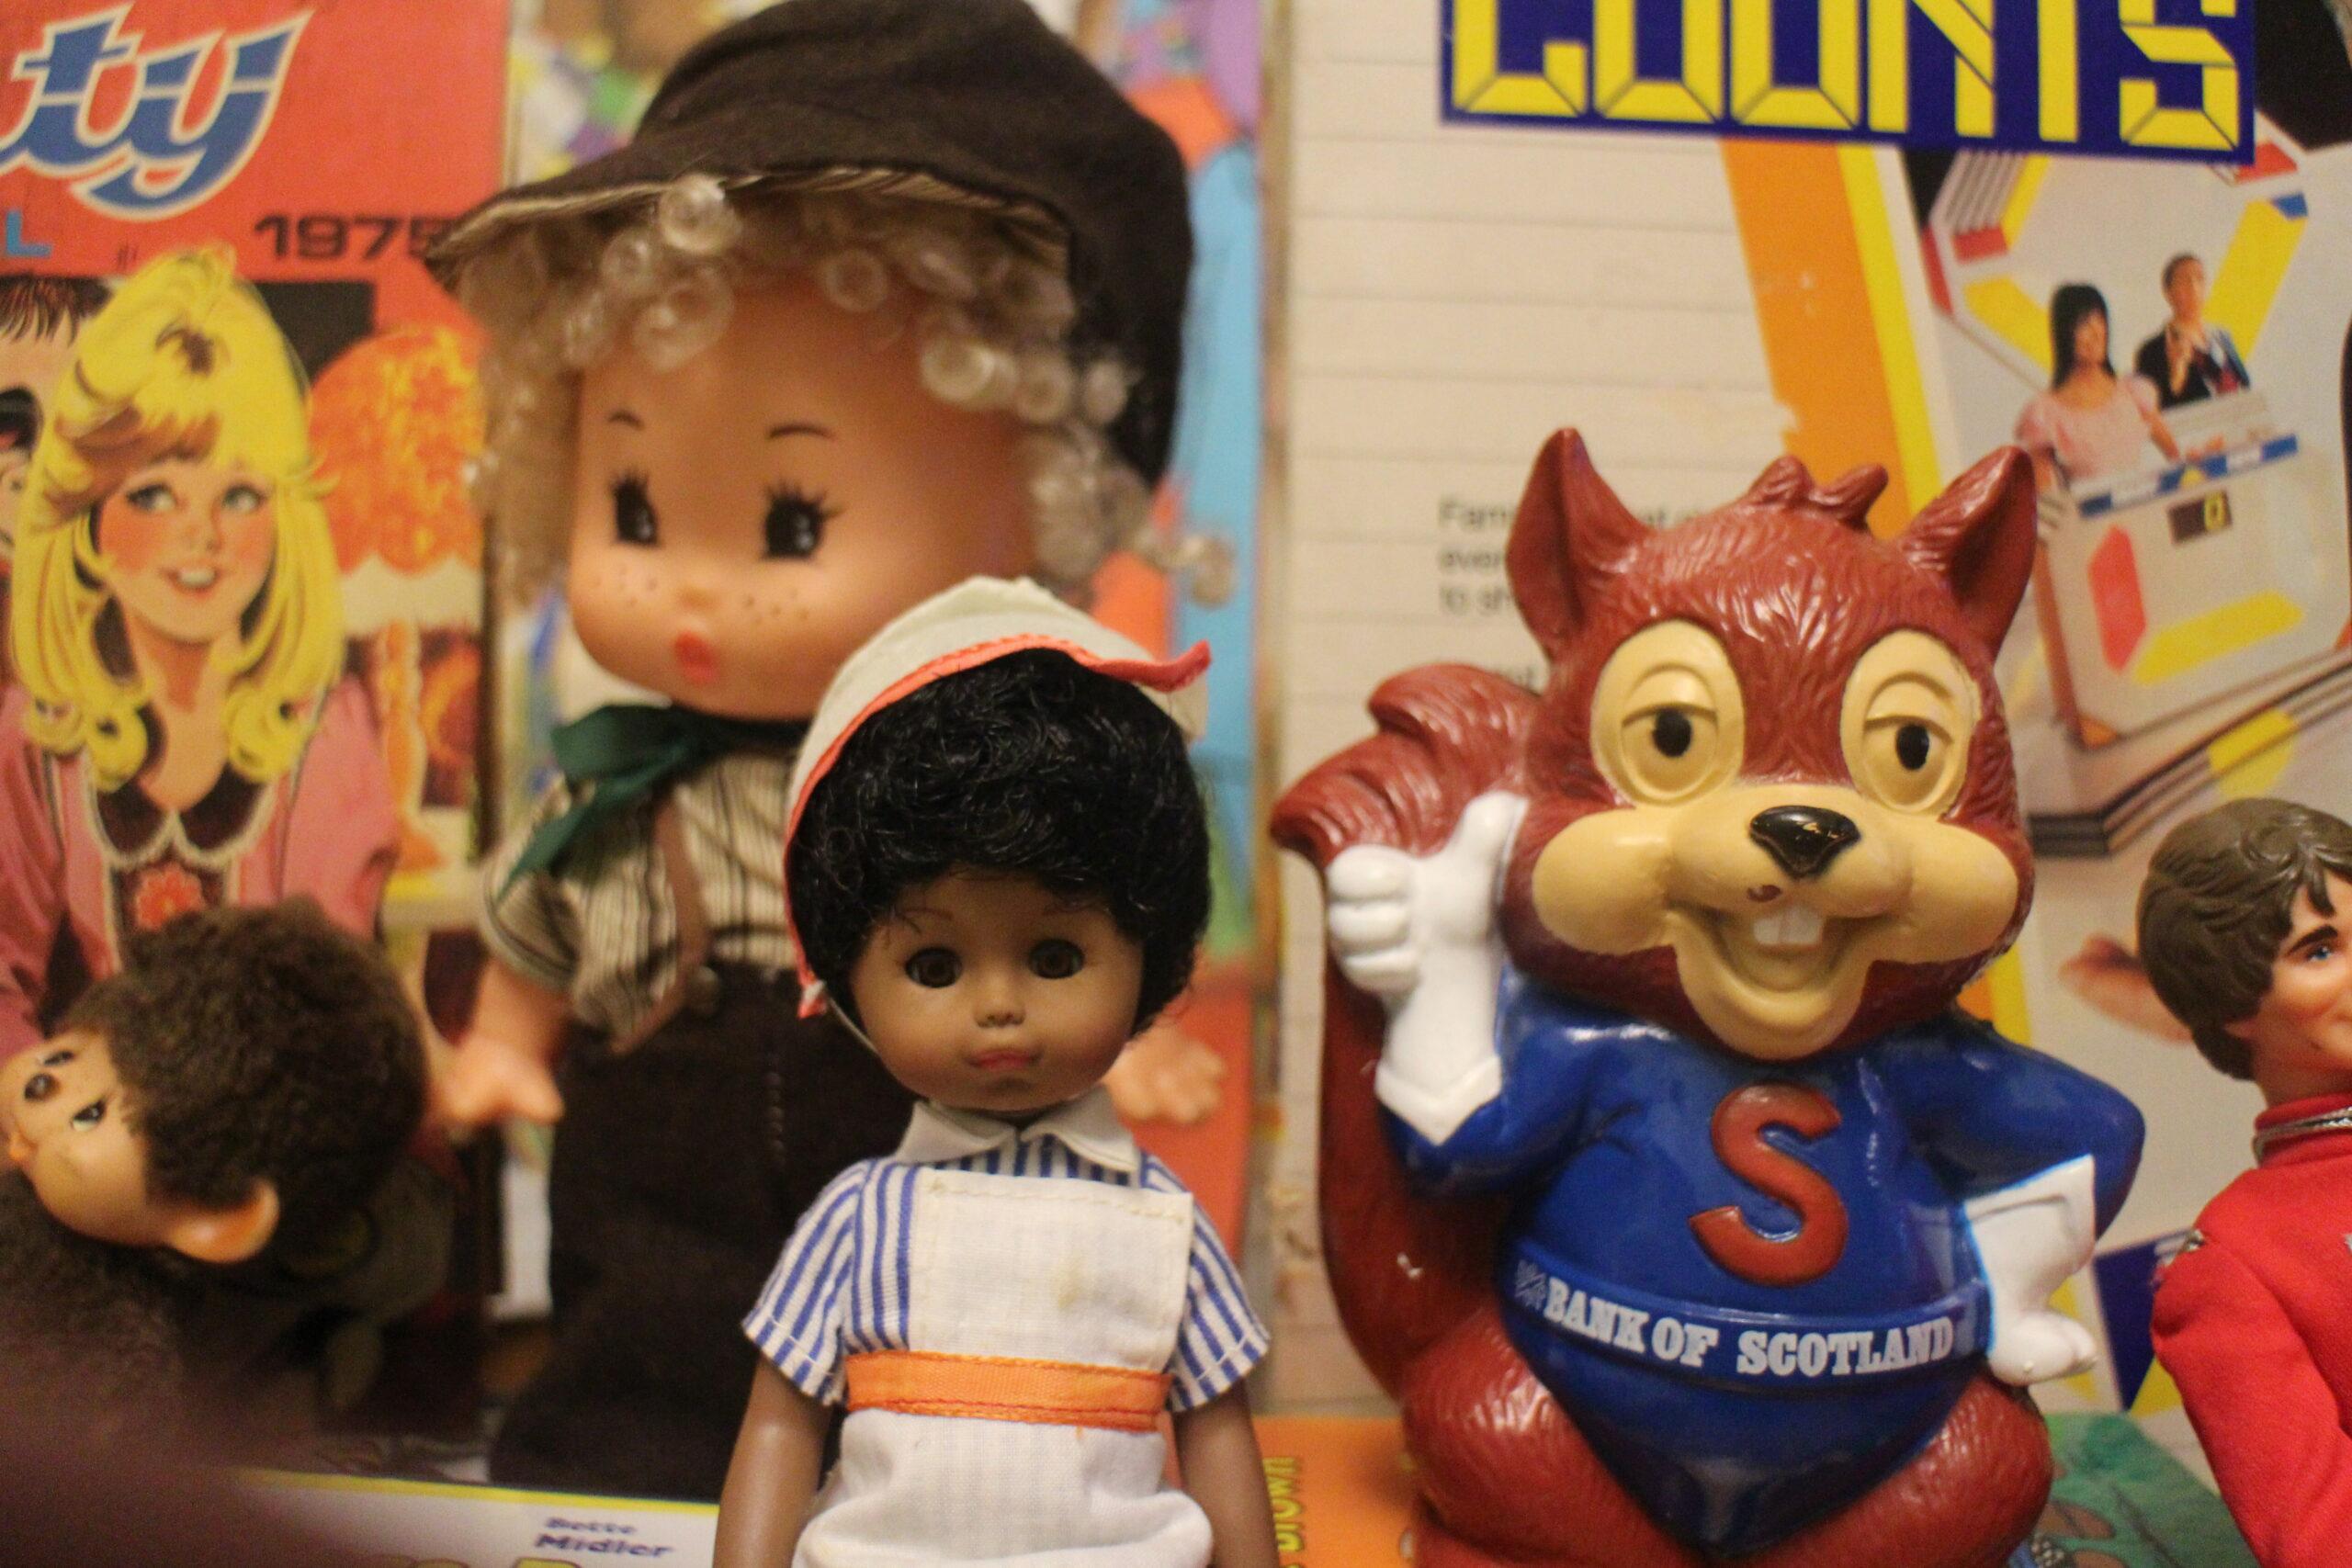 Last Christmas dolls